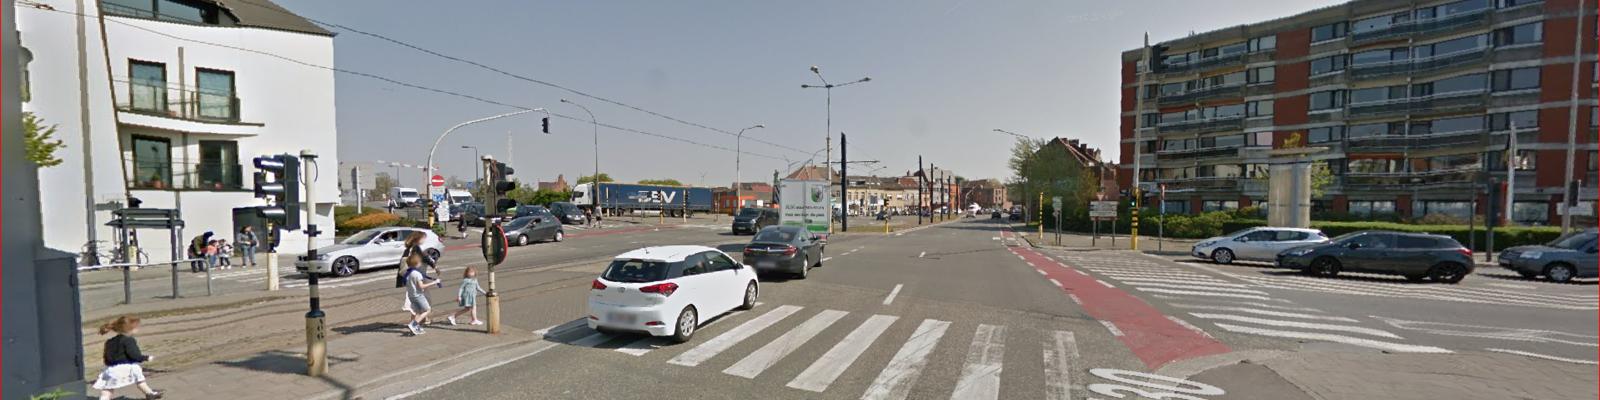 FO_streetview_neuseplein_kruispunt.png